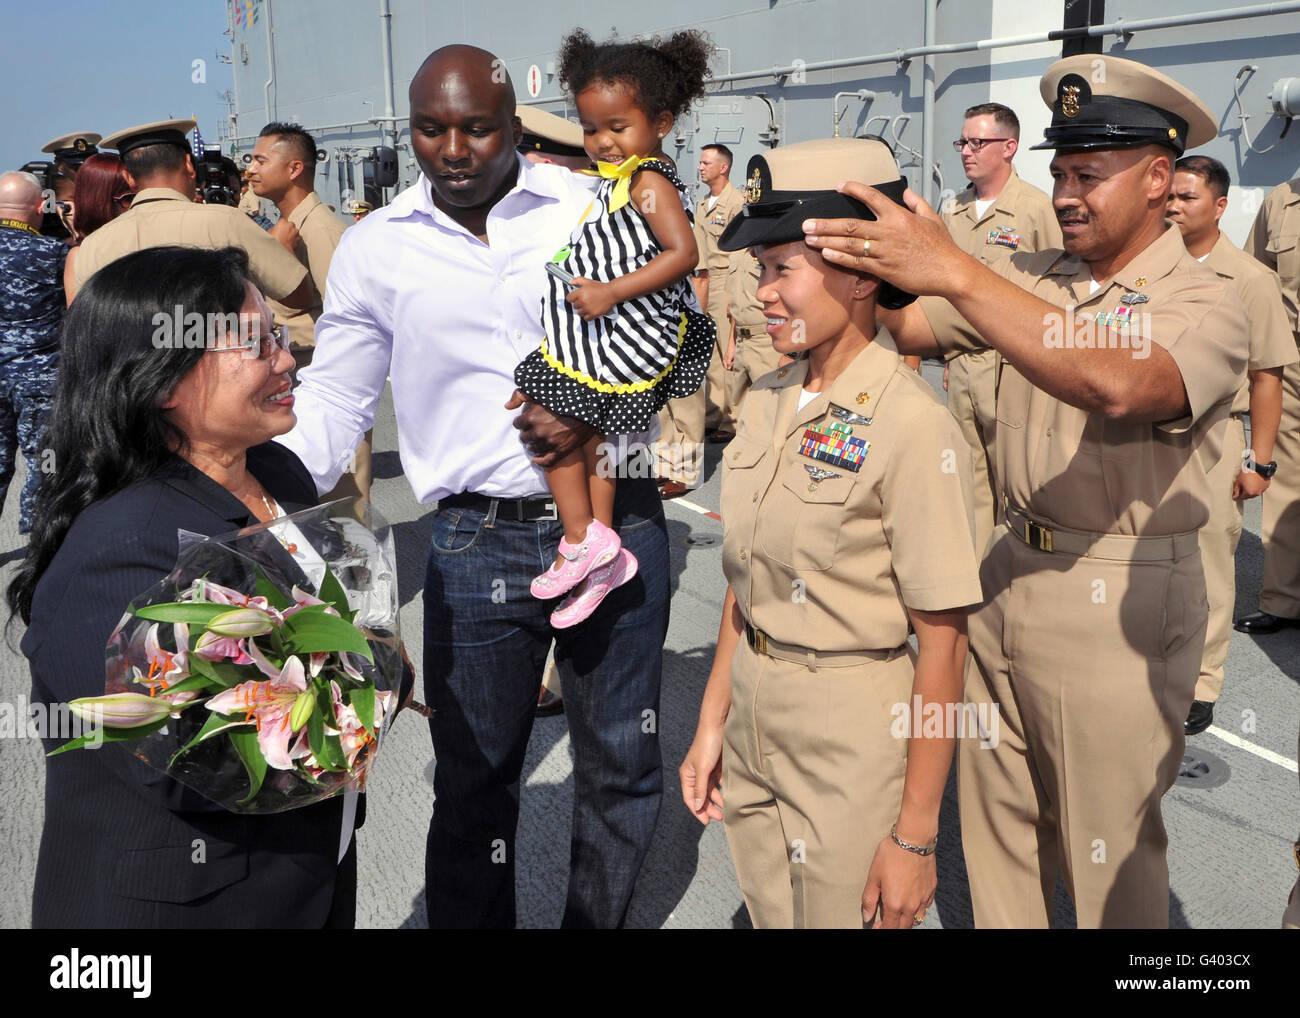 Familienmitglieder versammeln um Chief Petty Officer Ashe erhält ihr Kombination Cover. Stockbild